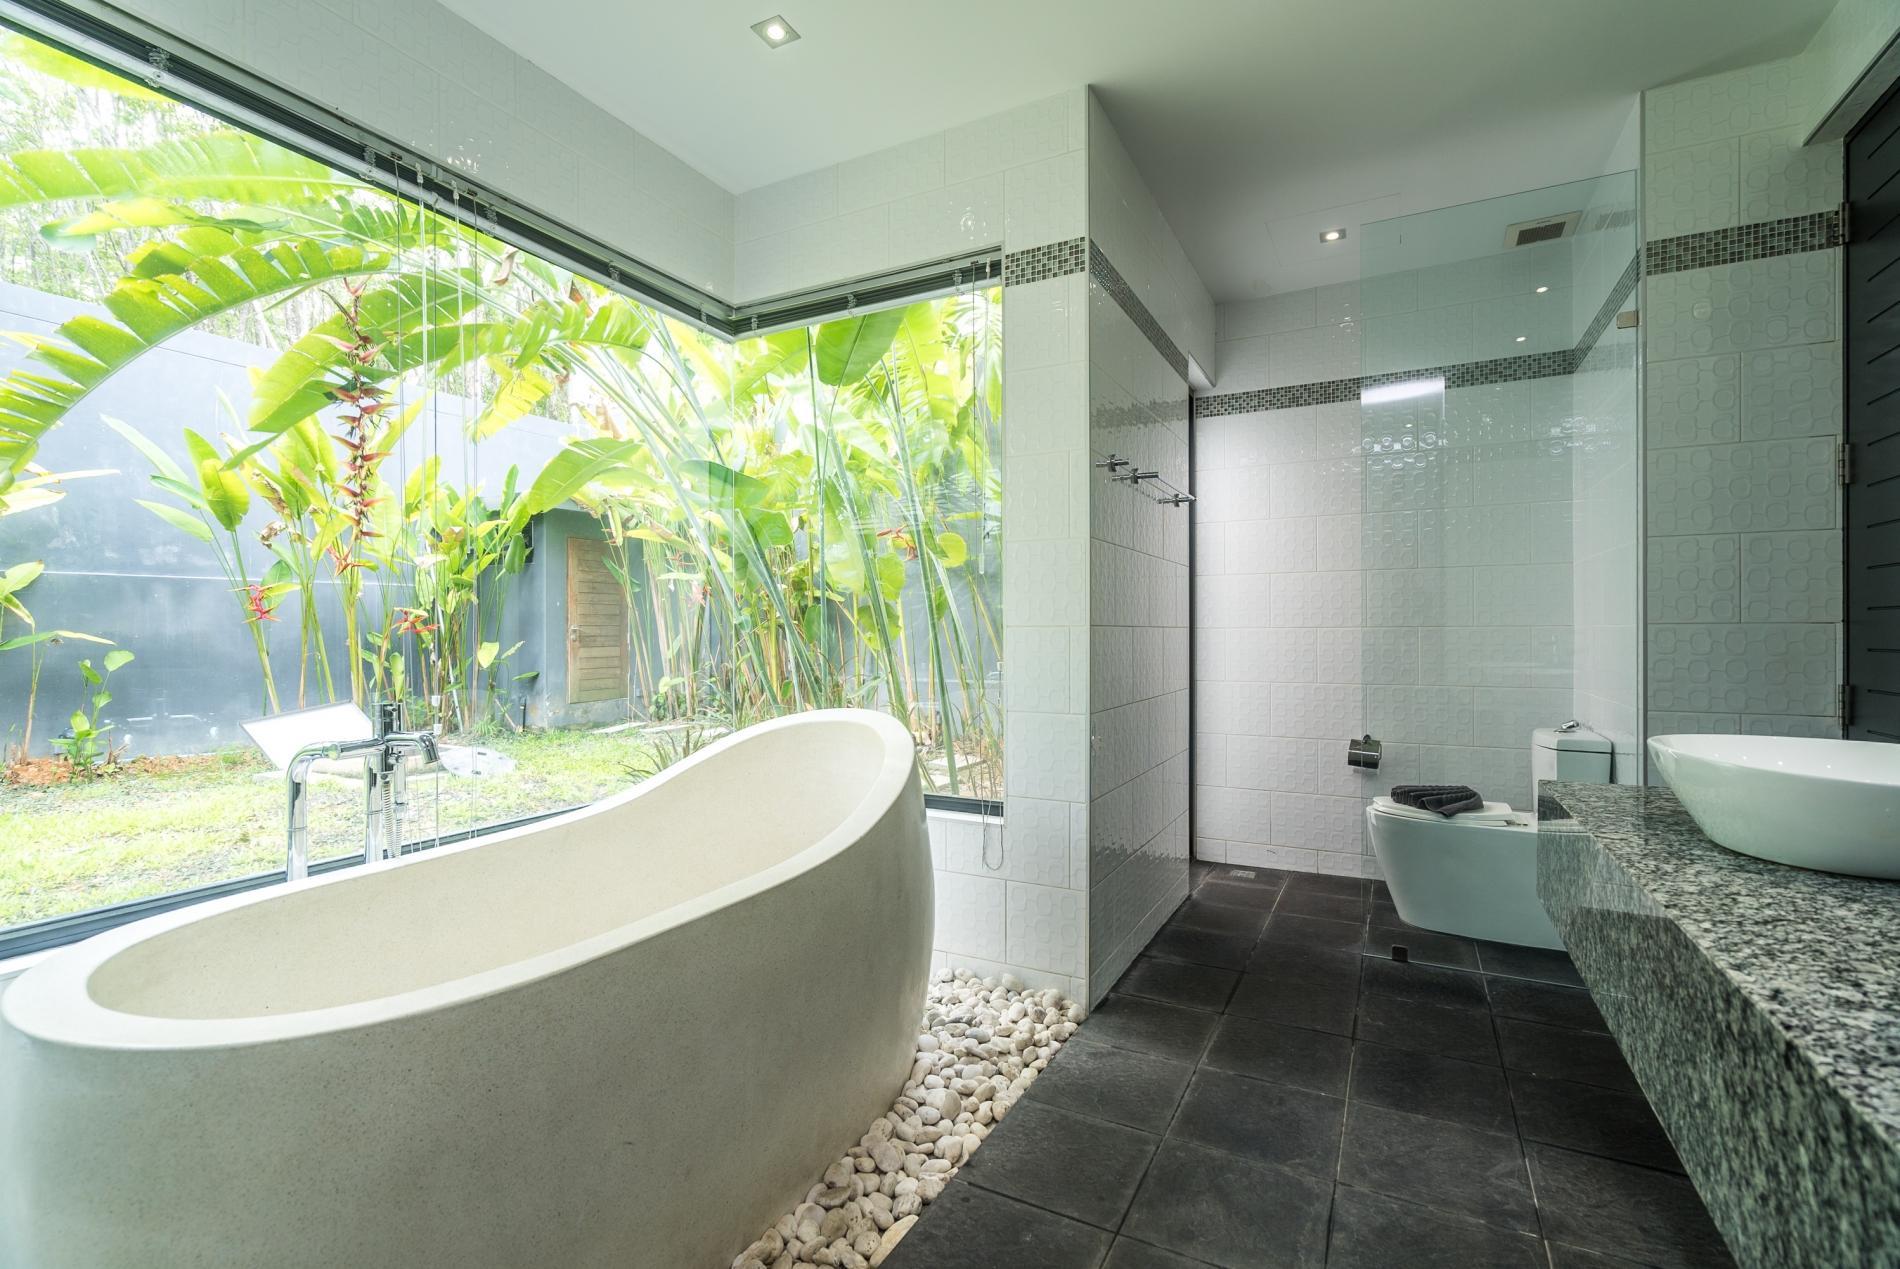 Diamond 272 - Modern 4 br private pool and garden villa photo 20320646